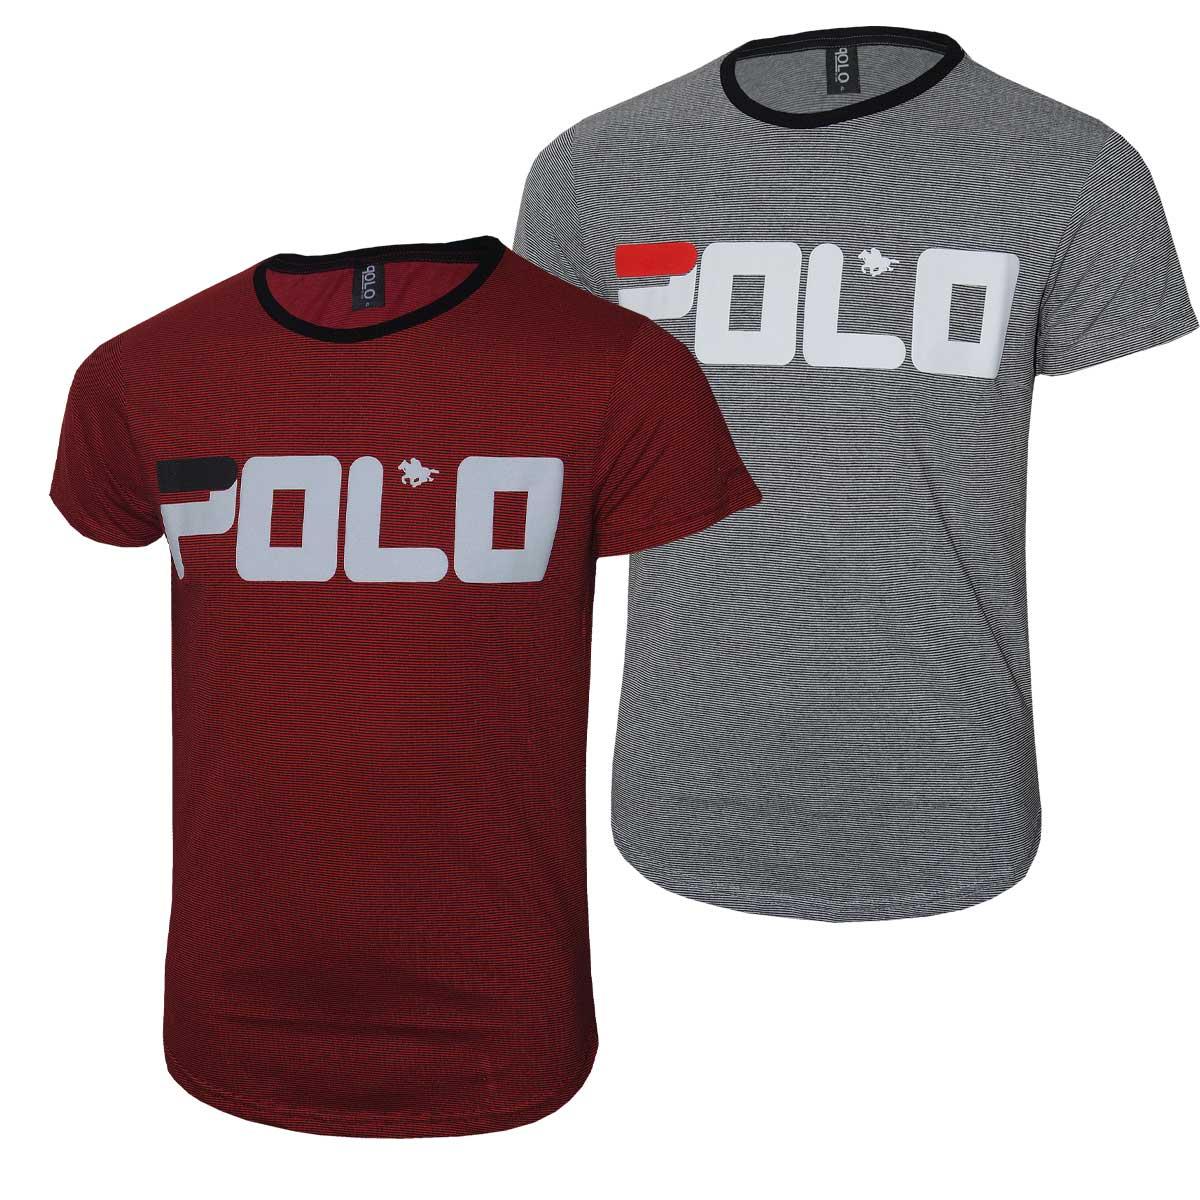 kit camiseta Swag Polo Rg518 com Estampa em Silk